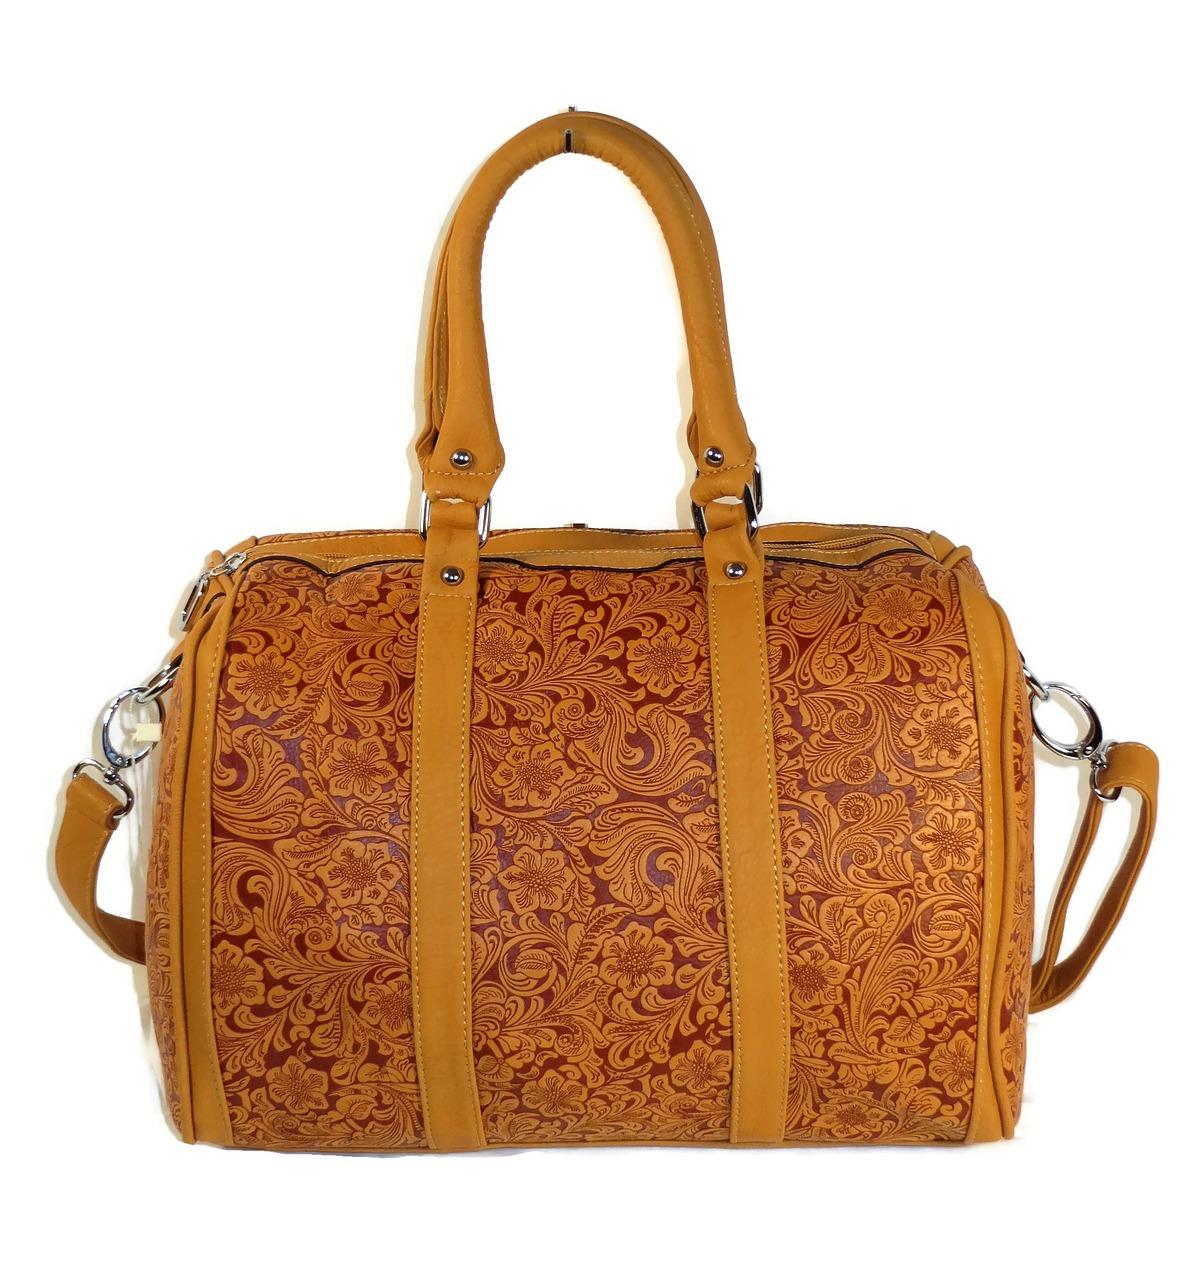 Kuferek, czyli torebka na różne okazje